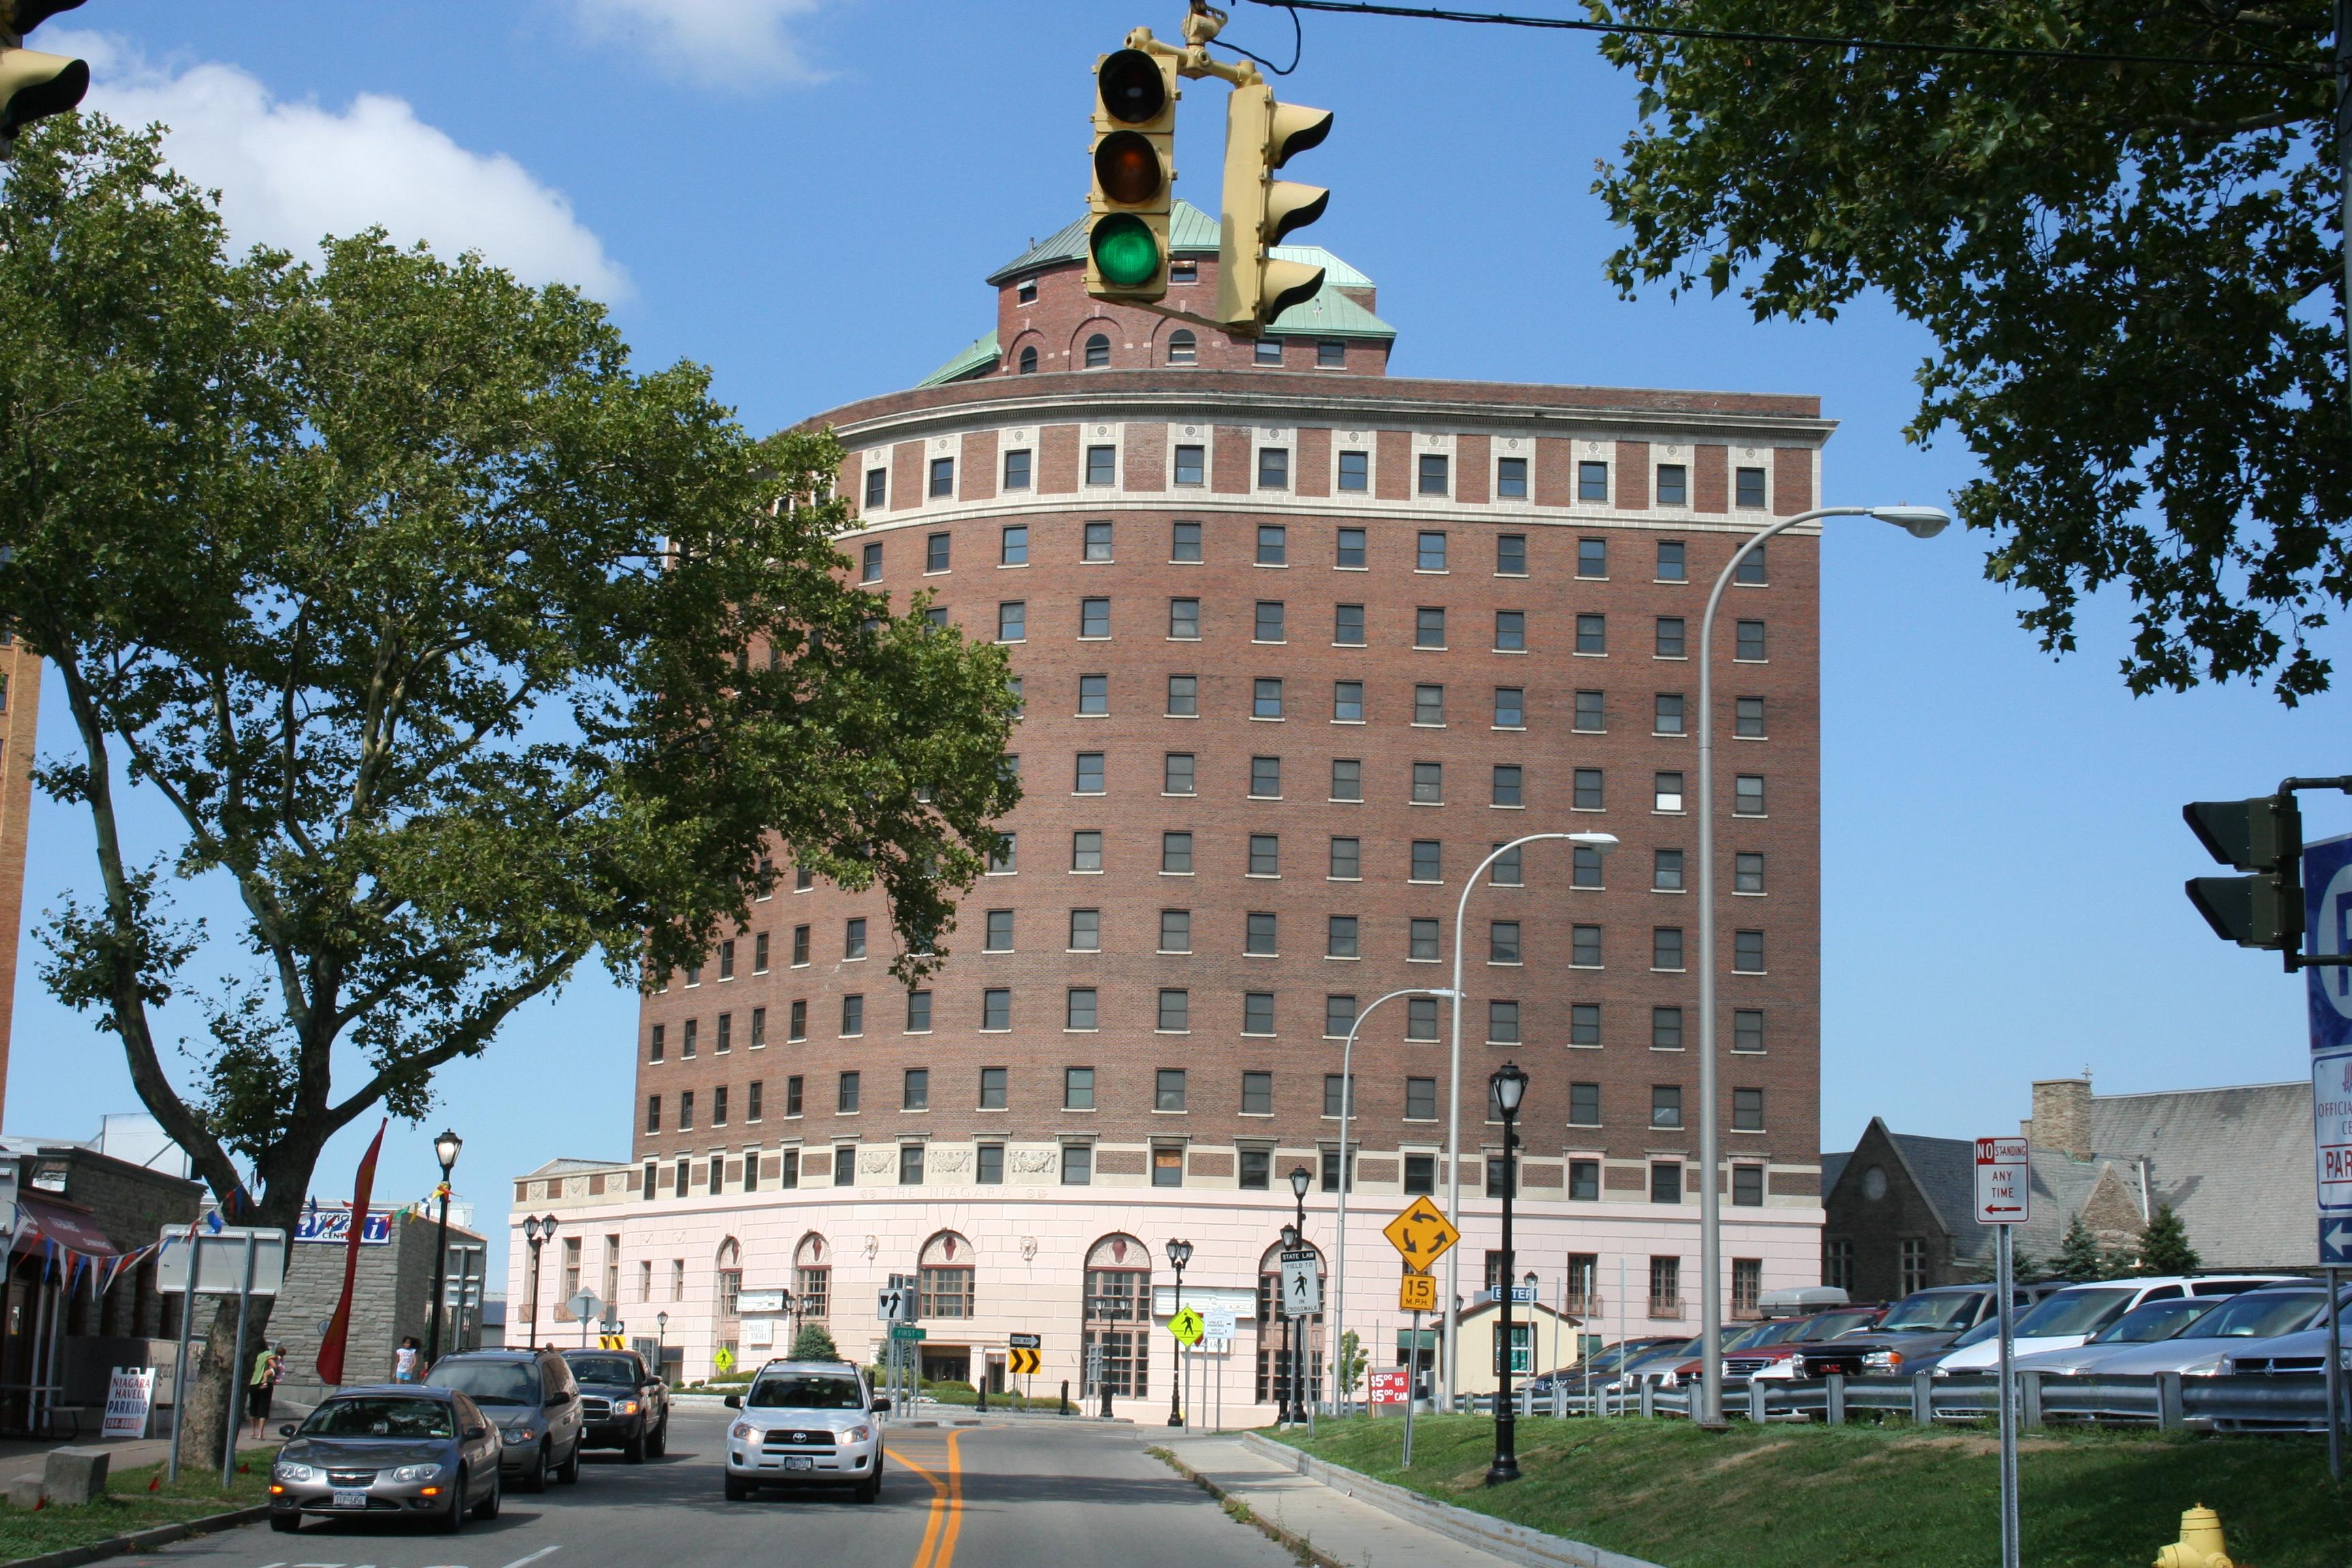 Niagara Falls New York Casino